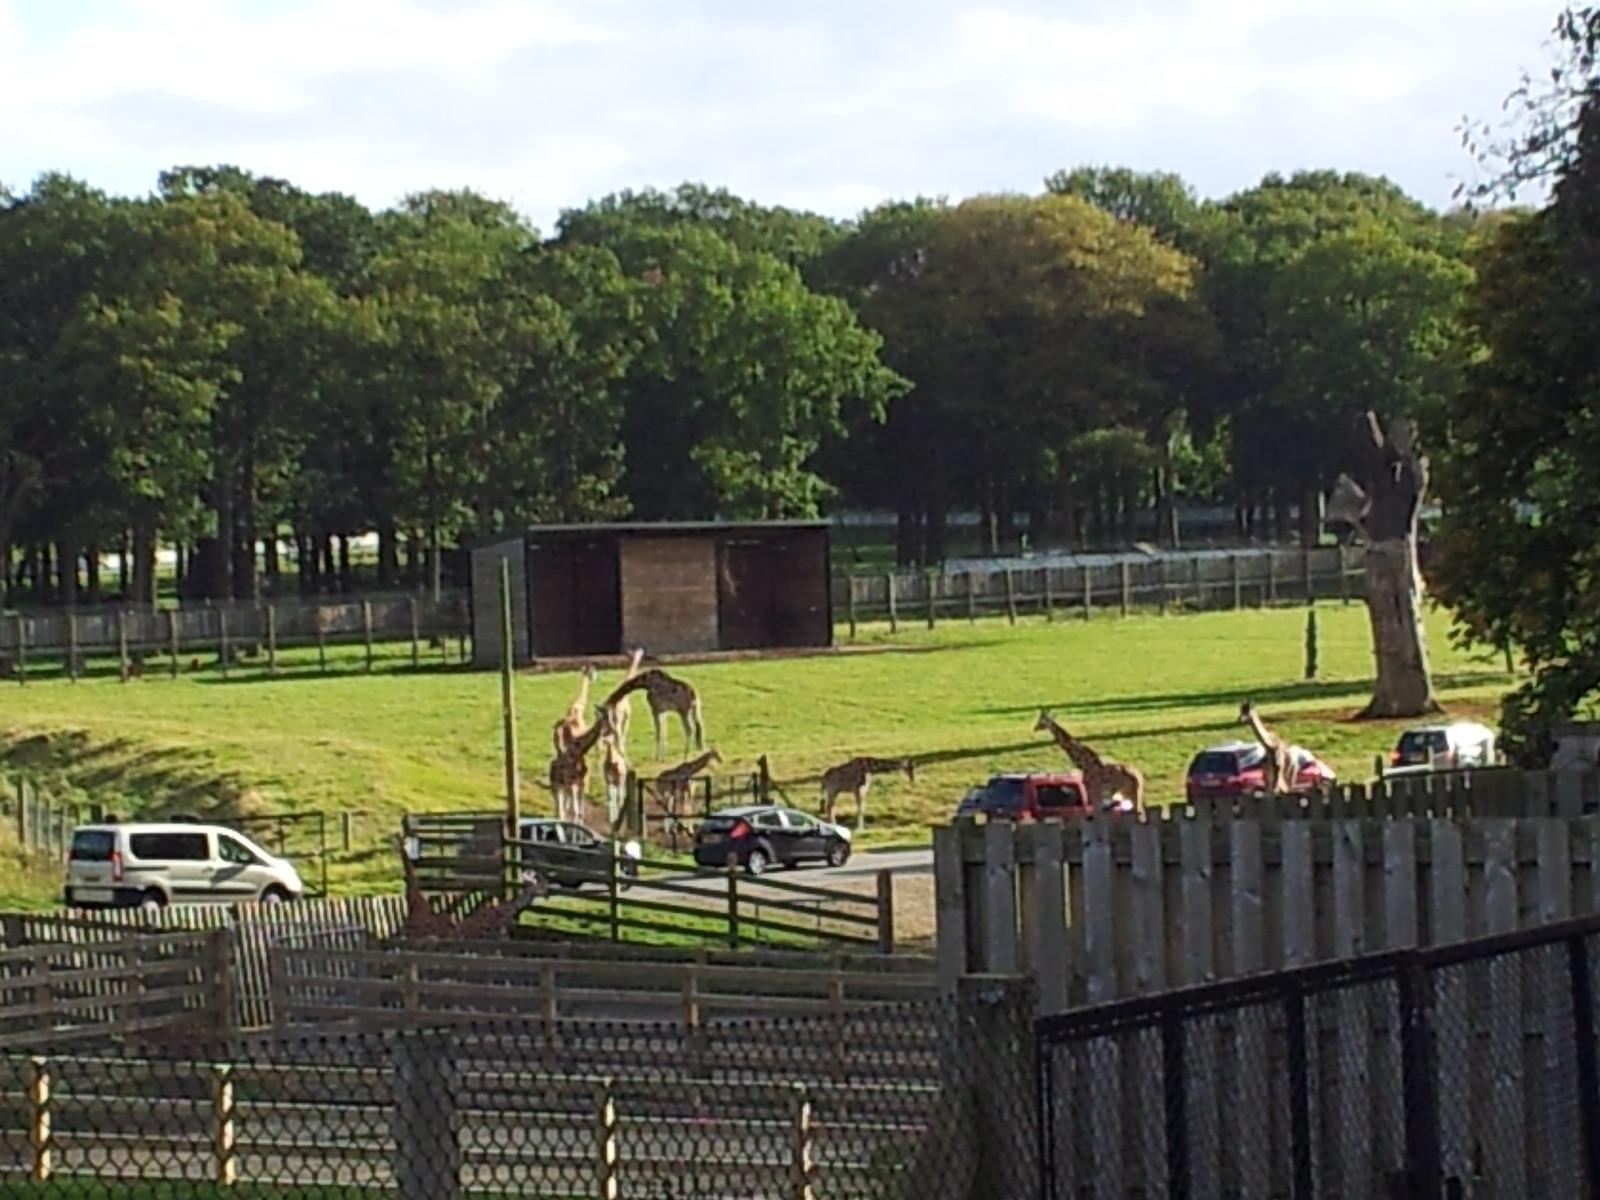 2012-09-29 16.08.00 Giraffes